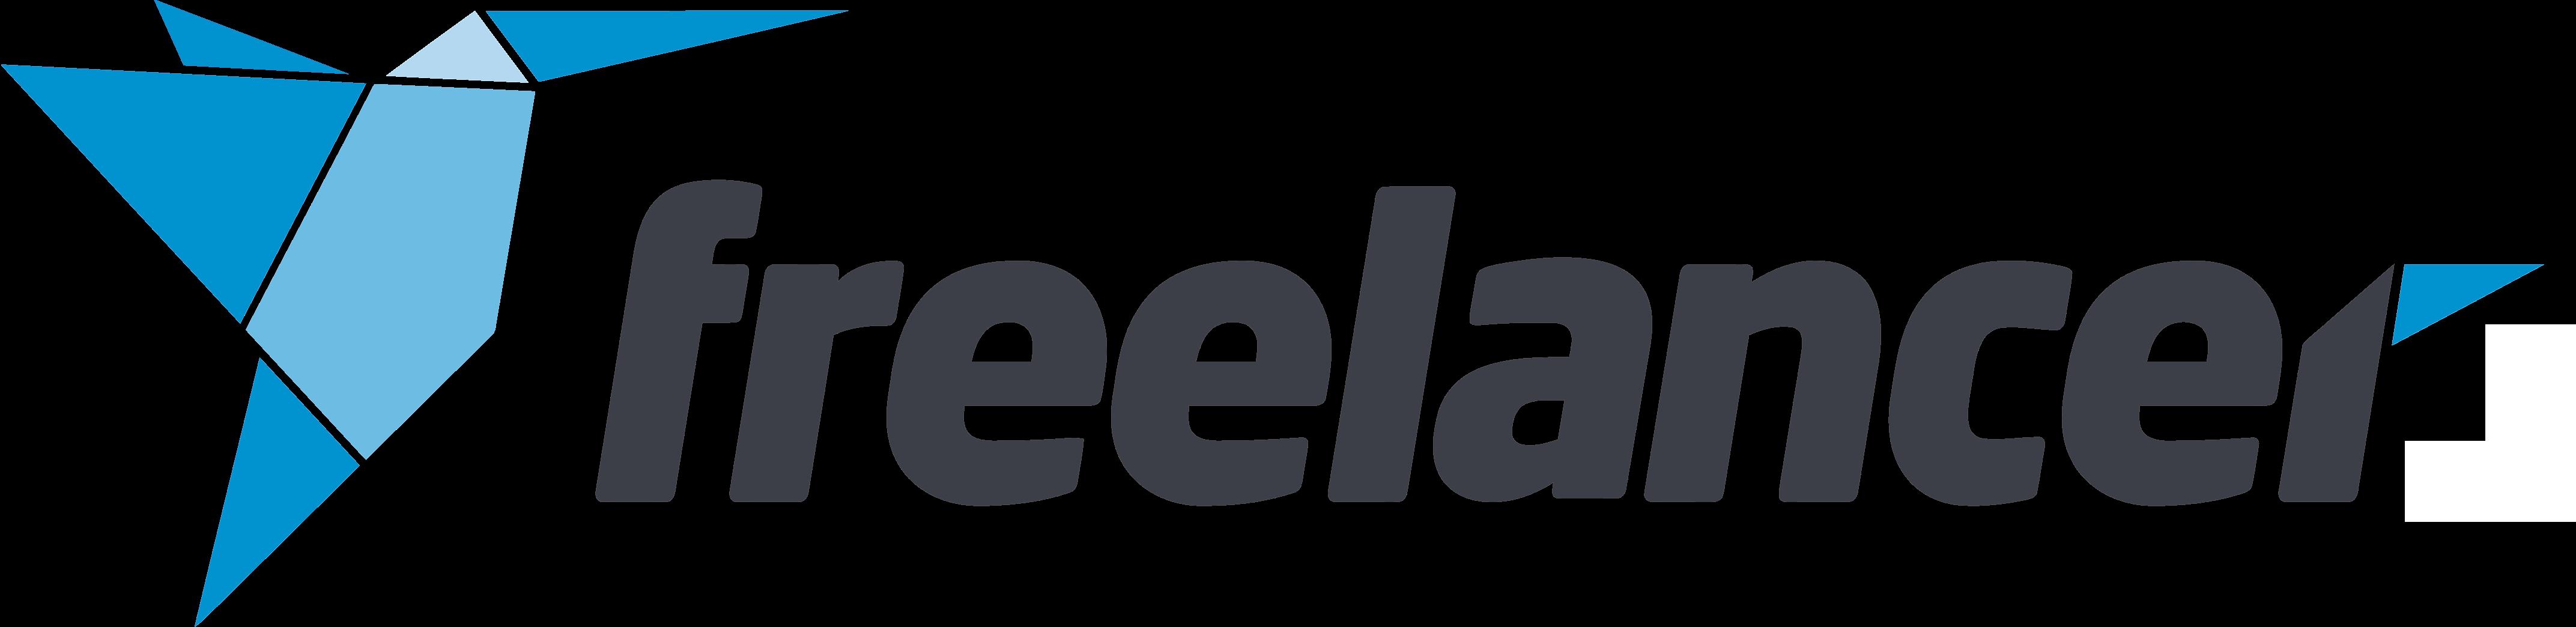 Freelancer.com u2013 Logos Download